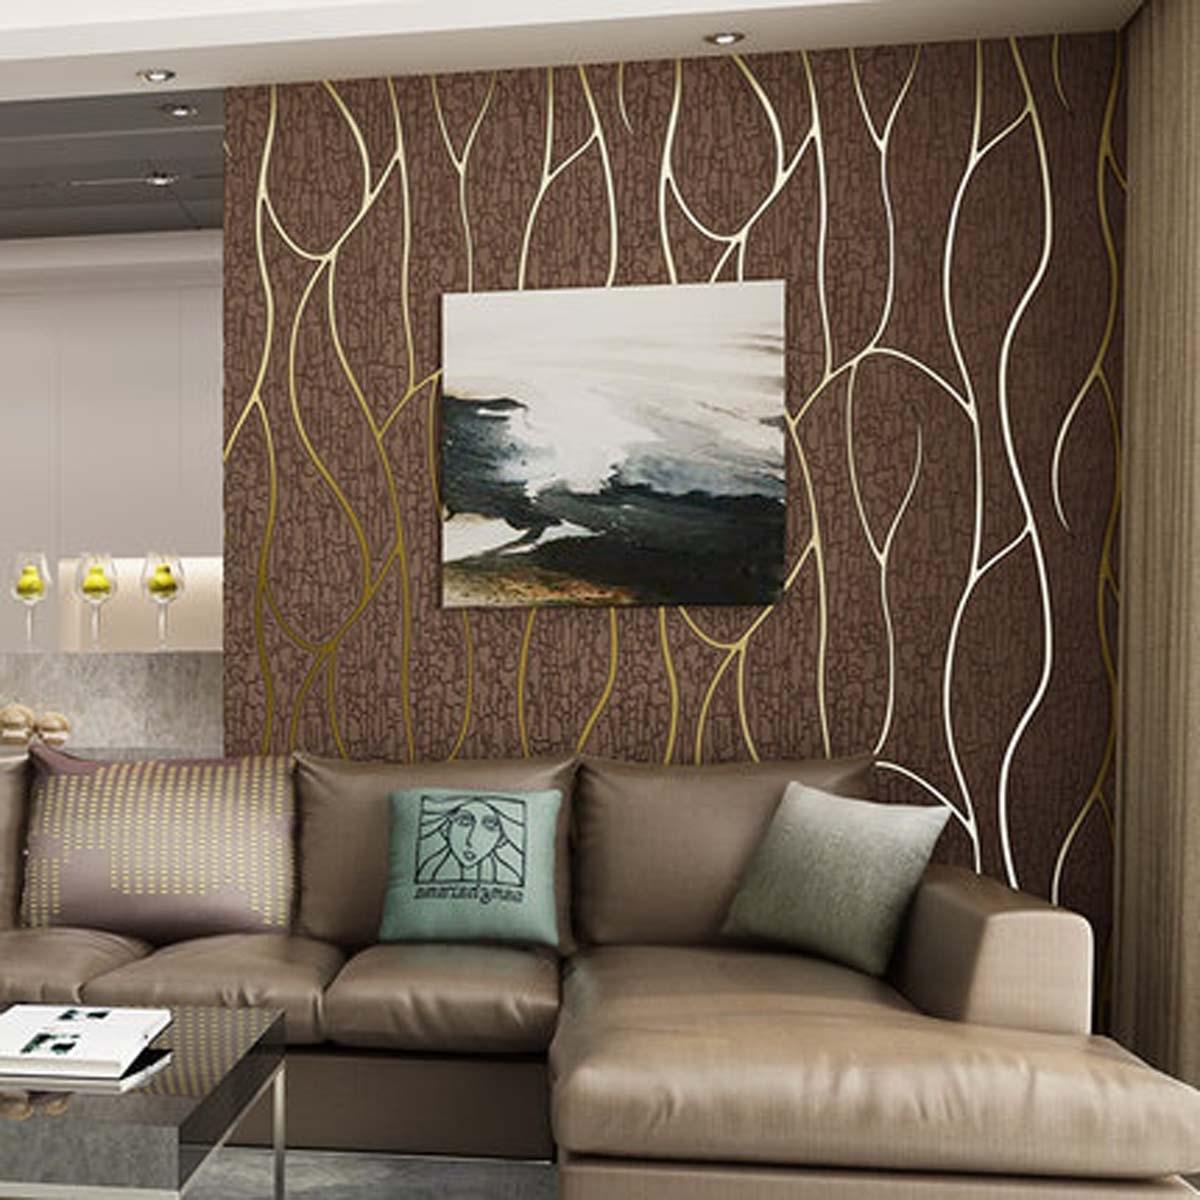 电视墙壁纸家用现代简约墙纸客厅3d立体大气背景墙曲线条纹家装修